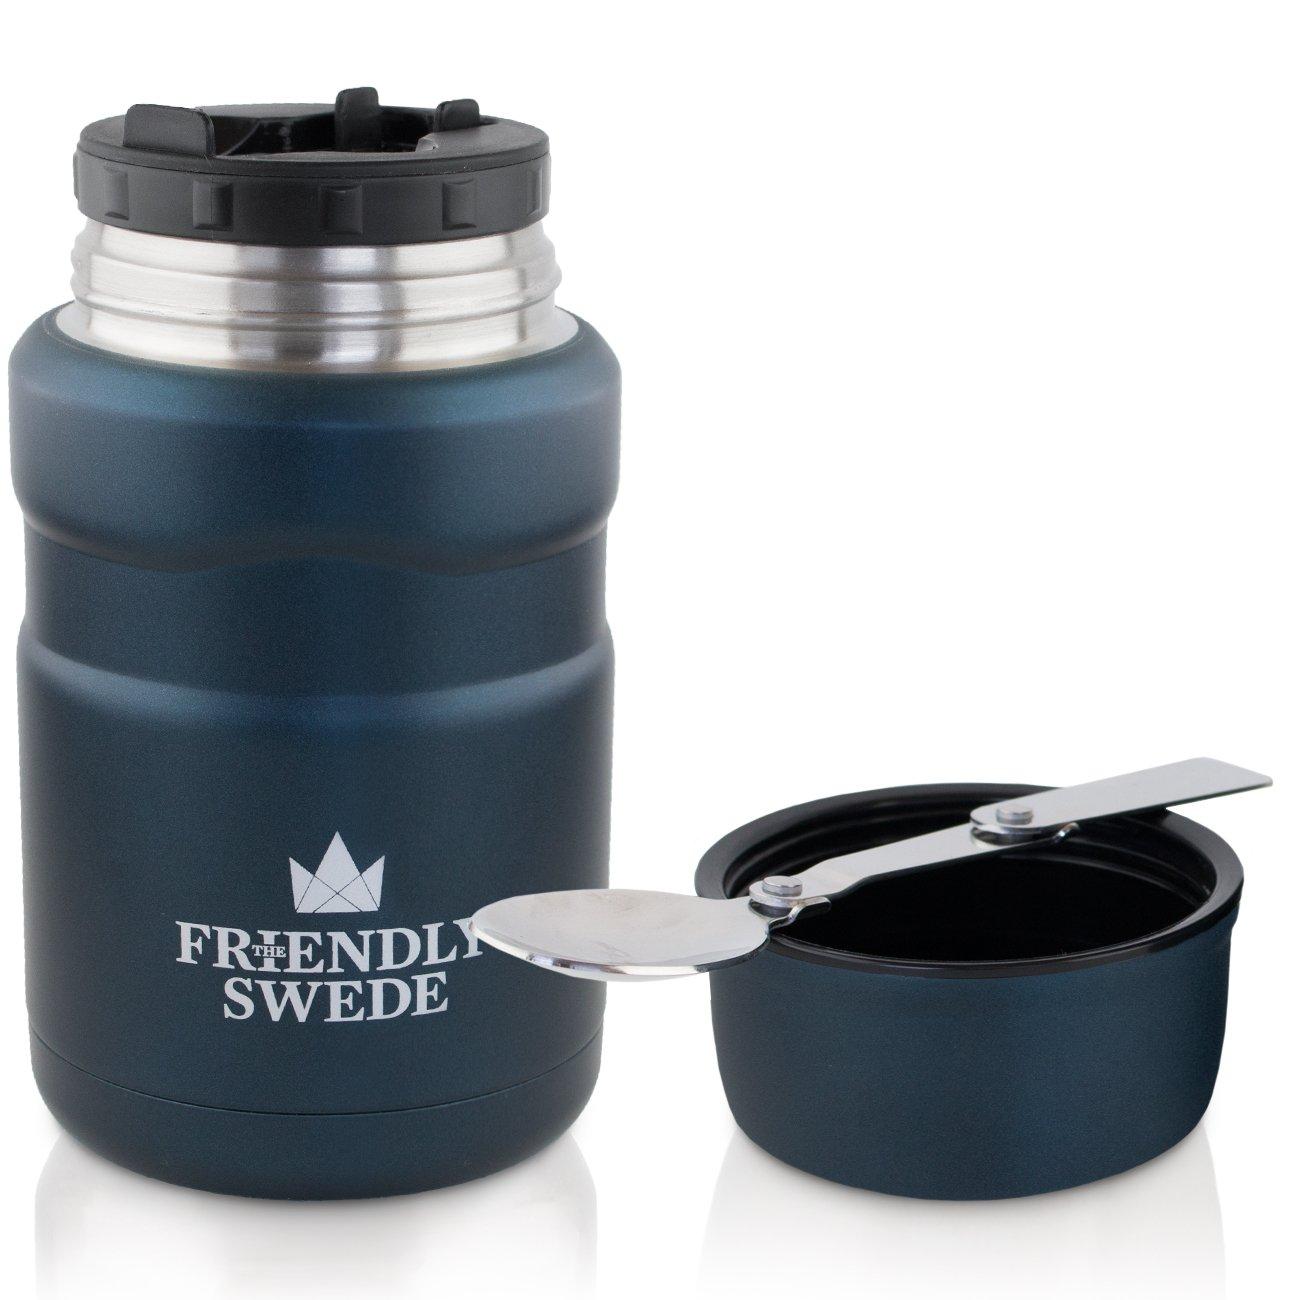 Contenitore termico per alimenti in acciaio inox, 500 ml The Friendly Swede - Contenitore per alimenti (500 ml) con cucchiaio pieghevole, tazza e recipiente, per viaggi, campeggio ed escursioni Chili Red